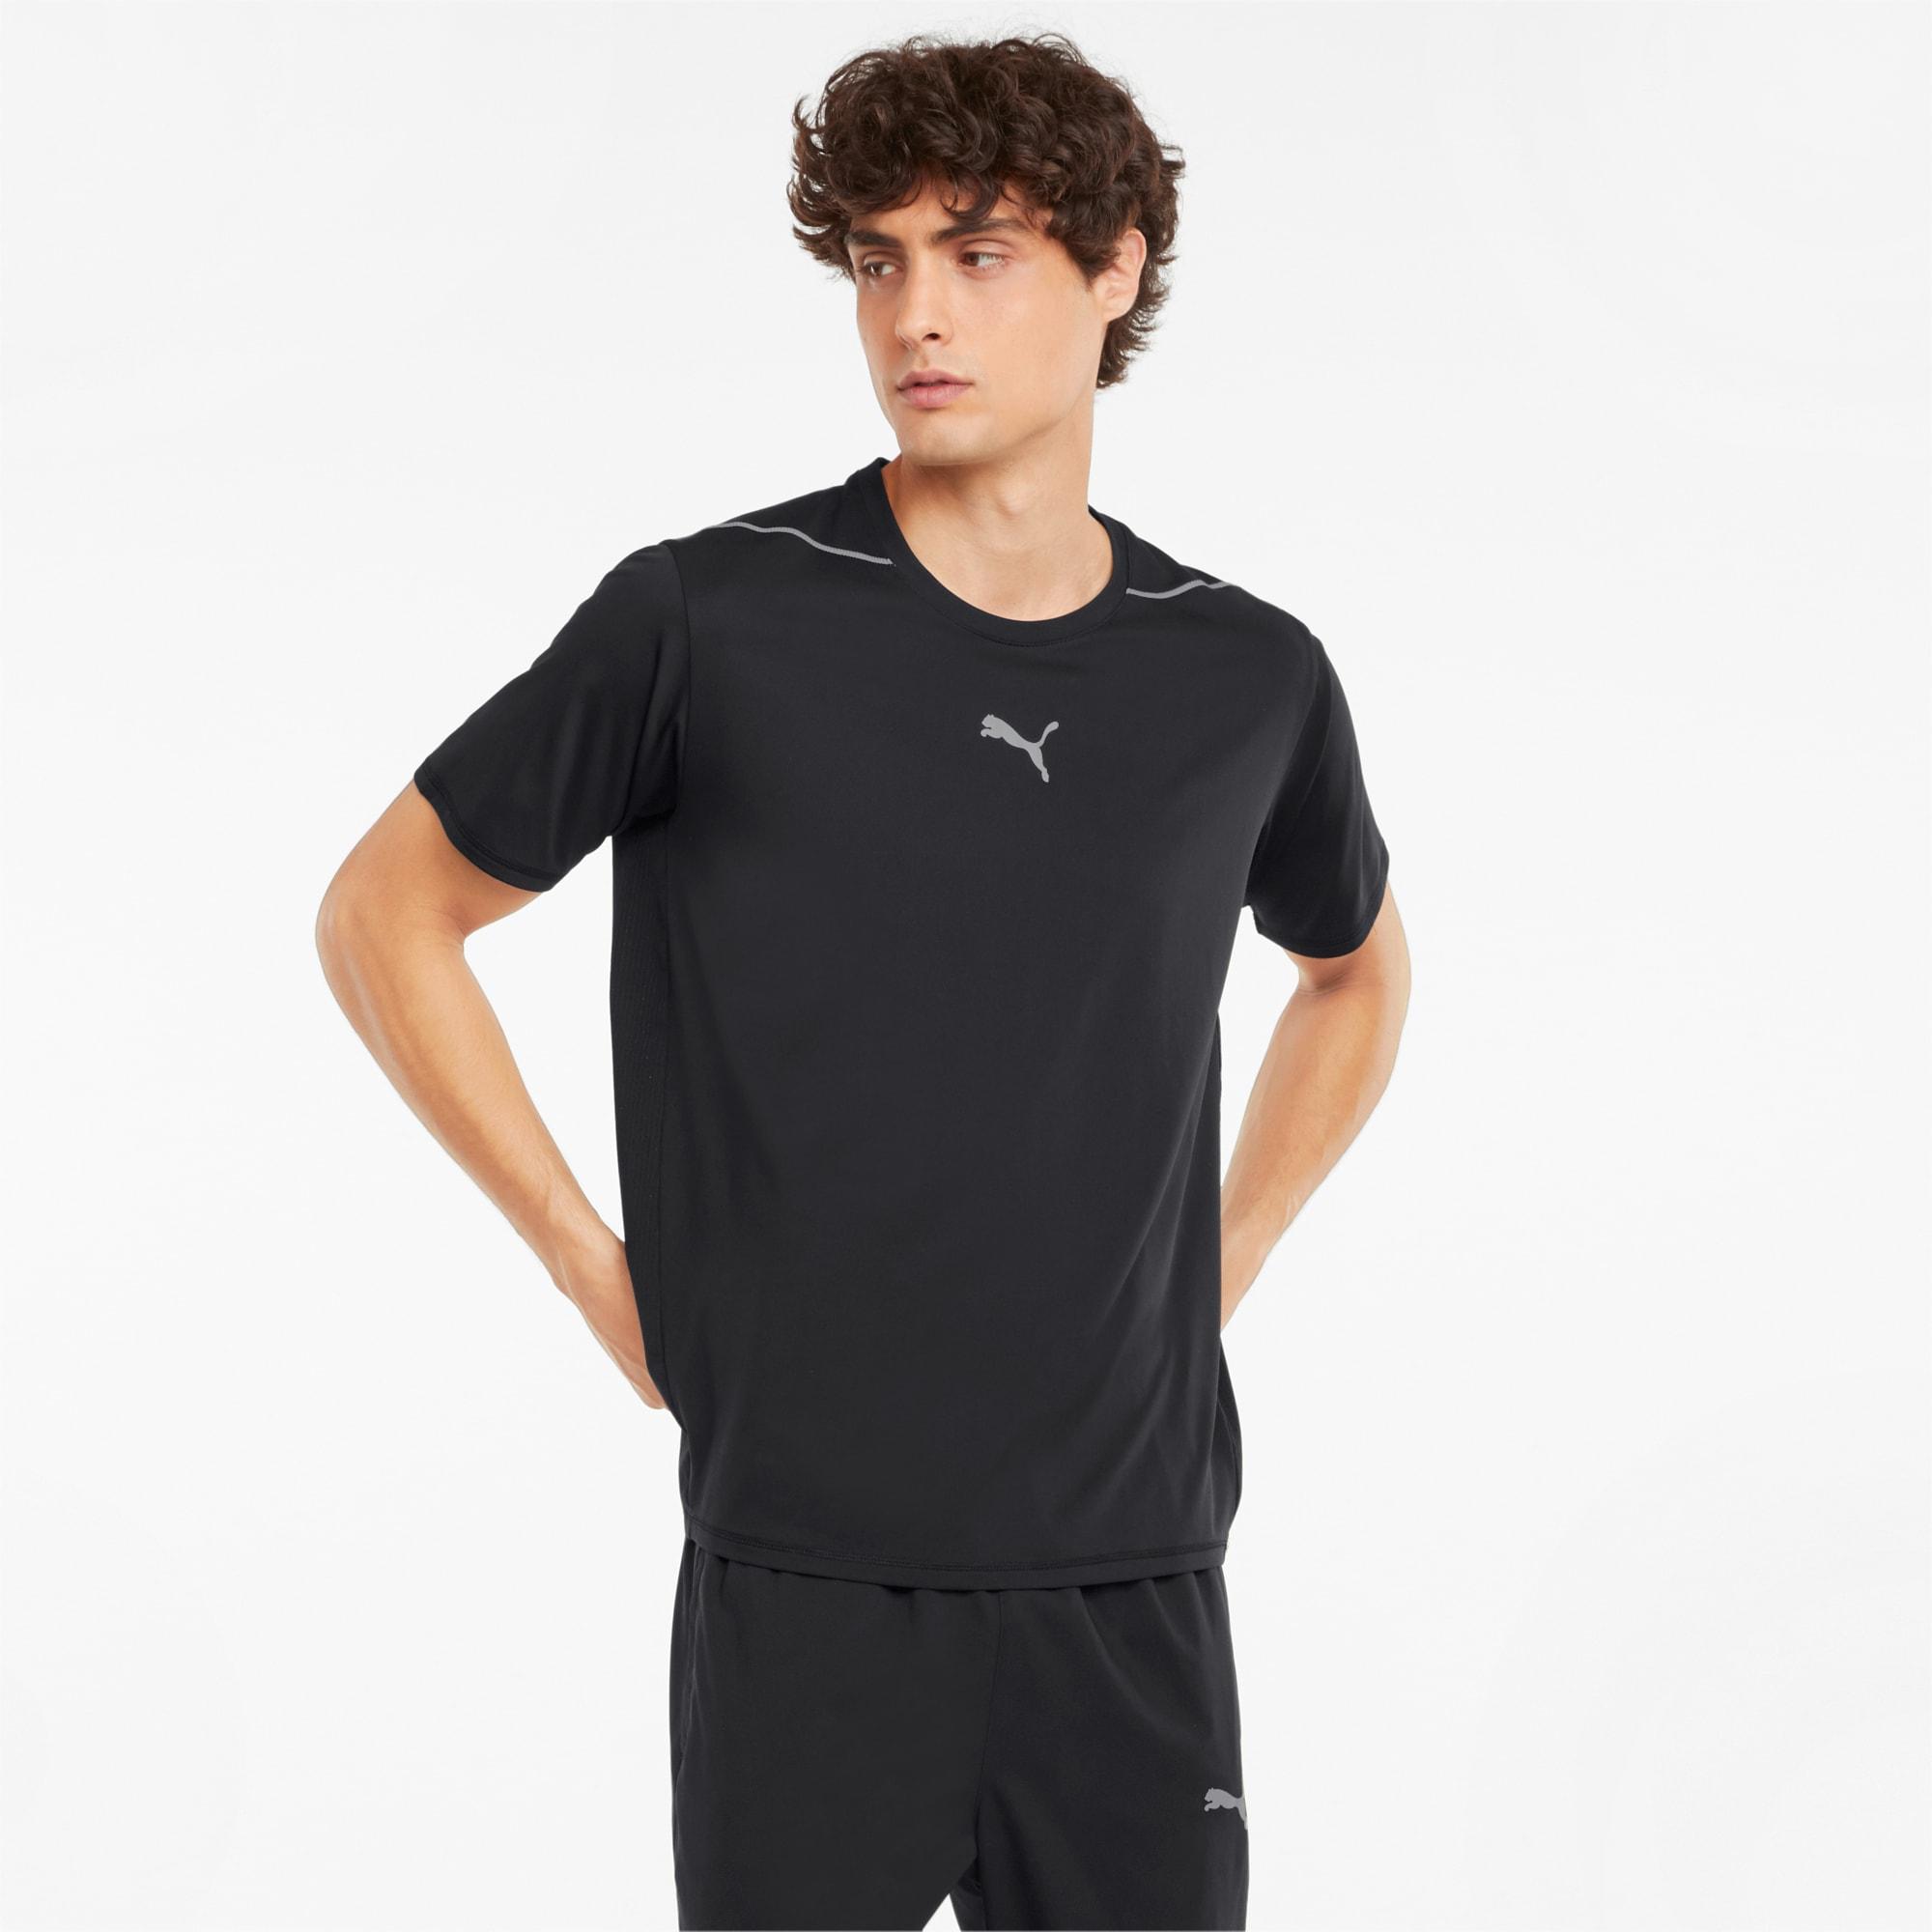 PUMA COOLADAPT Herren Lauf-T-Shirt   Mit Aucun   Schwarz   Größe: XXL